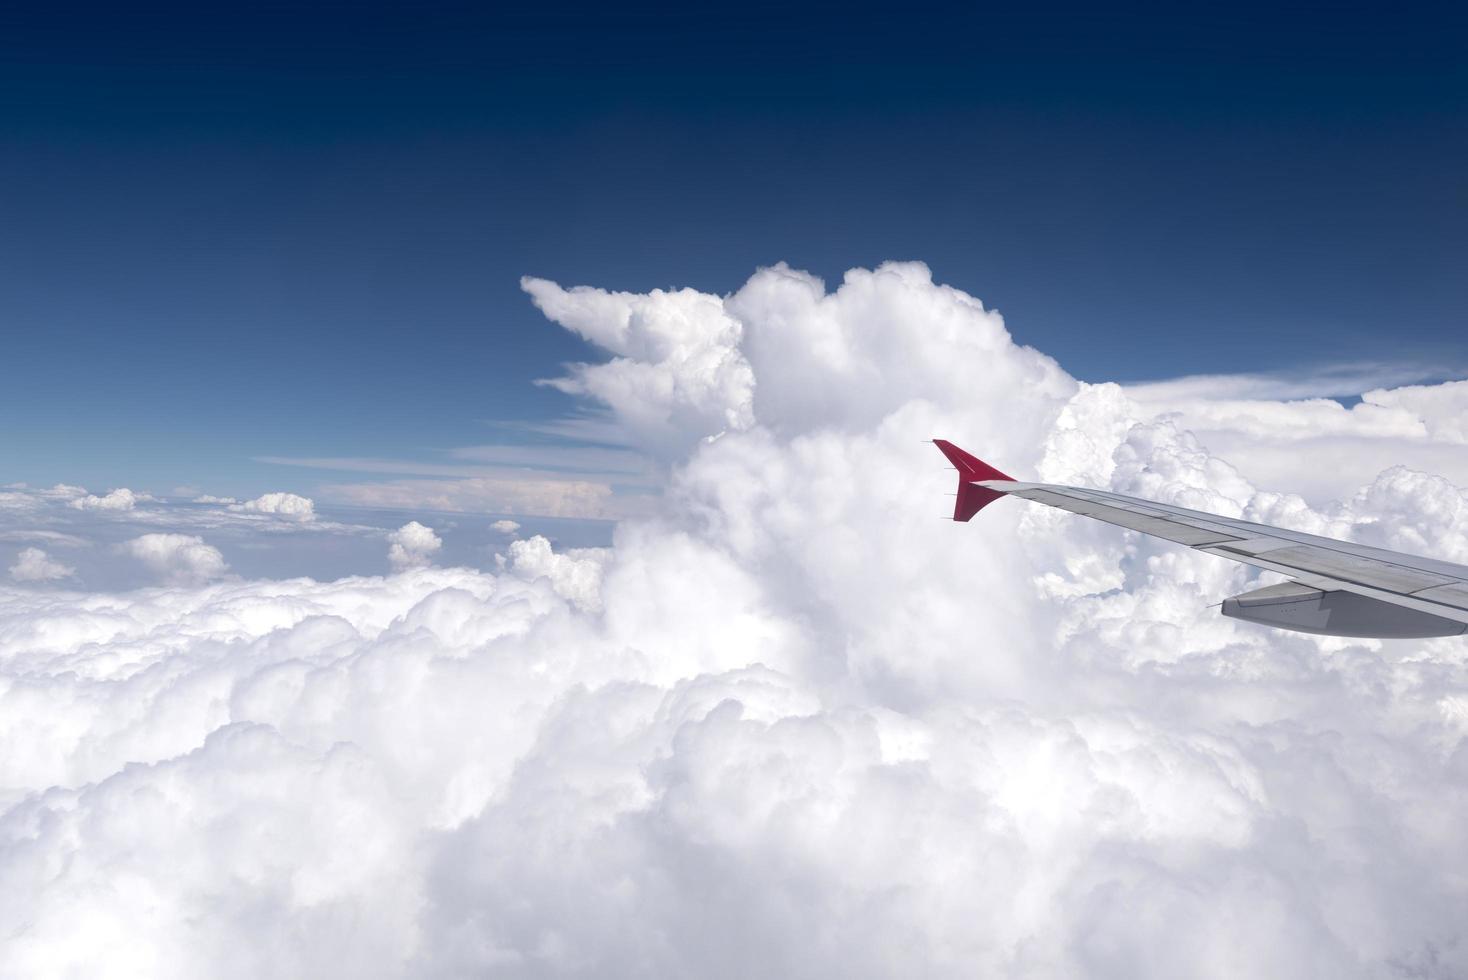 Vue de l'aile de l'avion depuis la fenêtre du passager photo